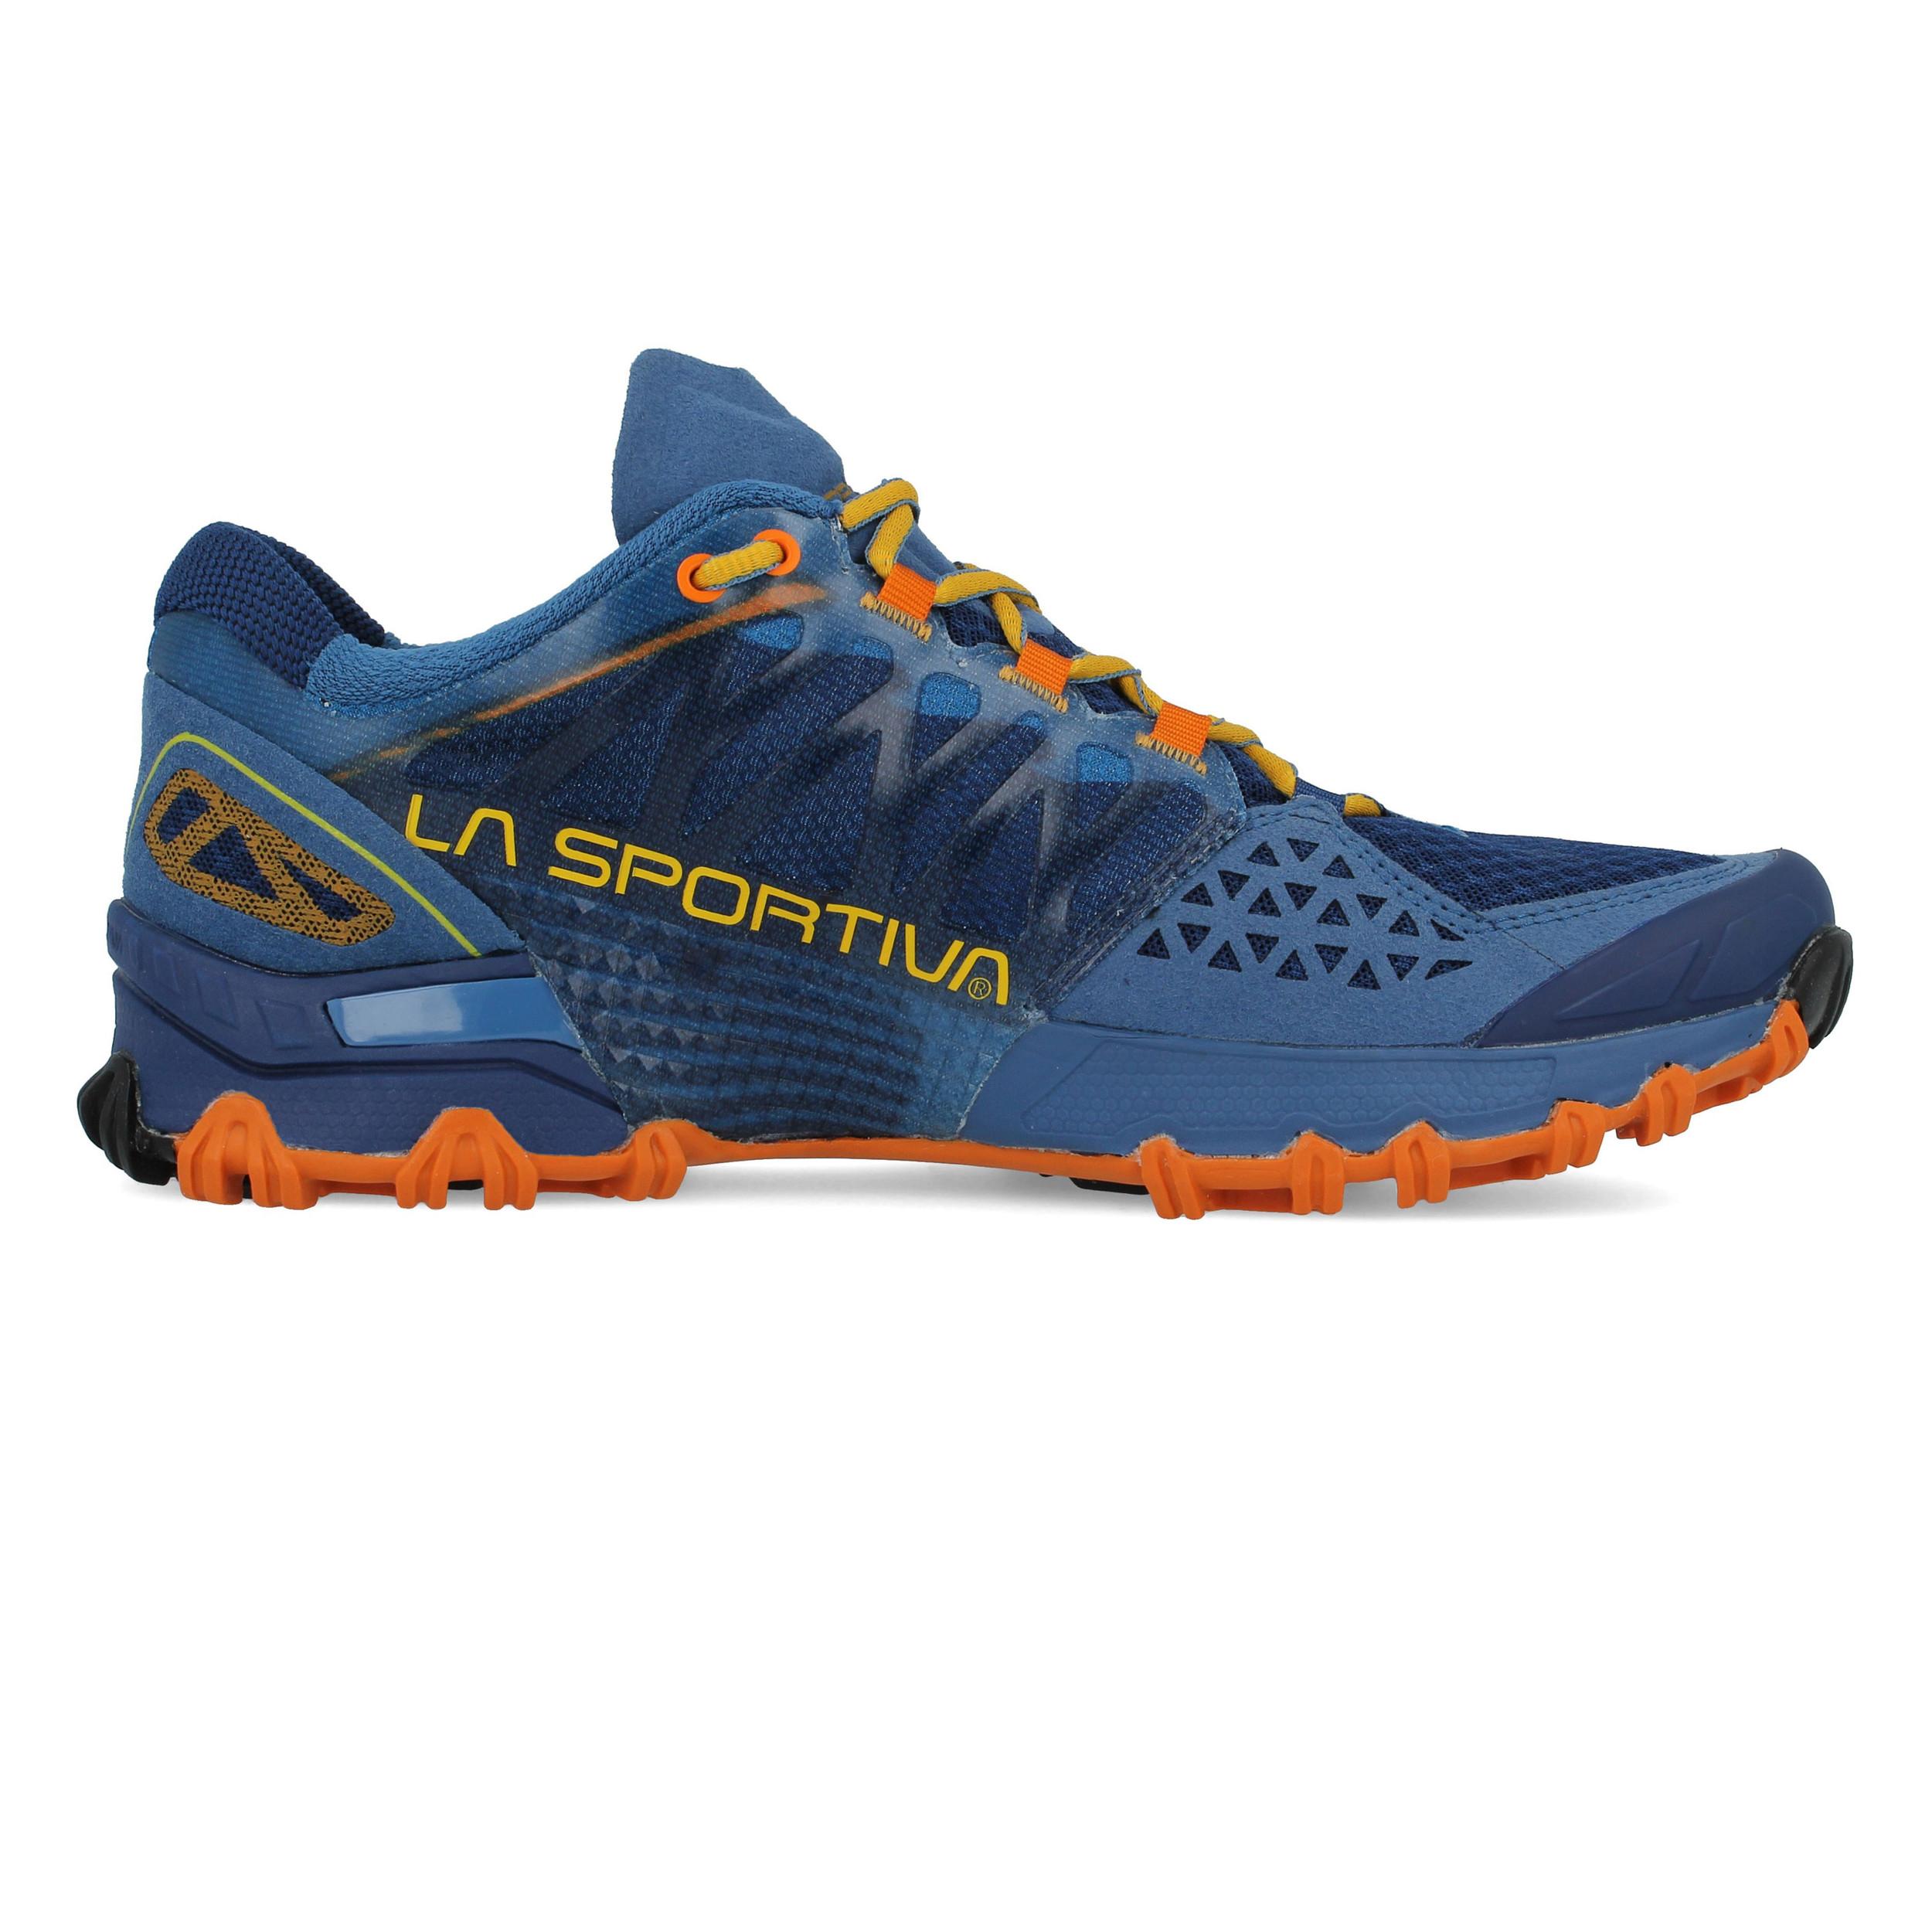 rivenditore di vendita ffd9c b0710 Dettagli su Sportiva Bushido Da Uomo La Arancio Blu Trail Running Scarpe da  ginnastica scarpe sportive- mostra il titolo originale